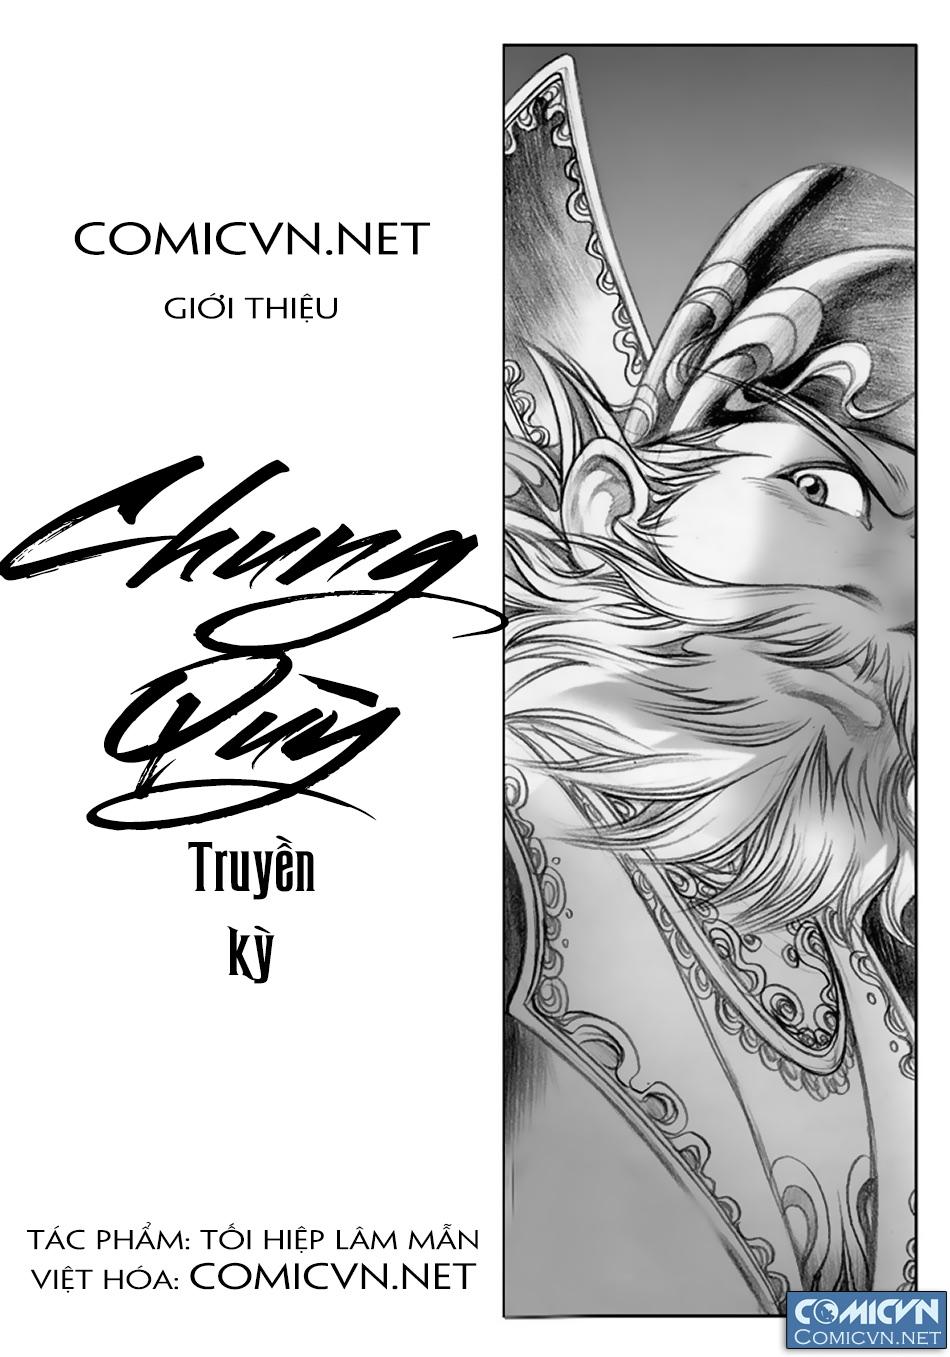 Chung Quỳ Truyền Kỳ Chap 1 - Next Chap 2